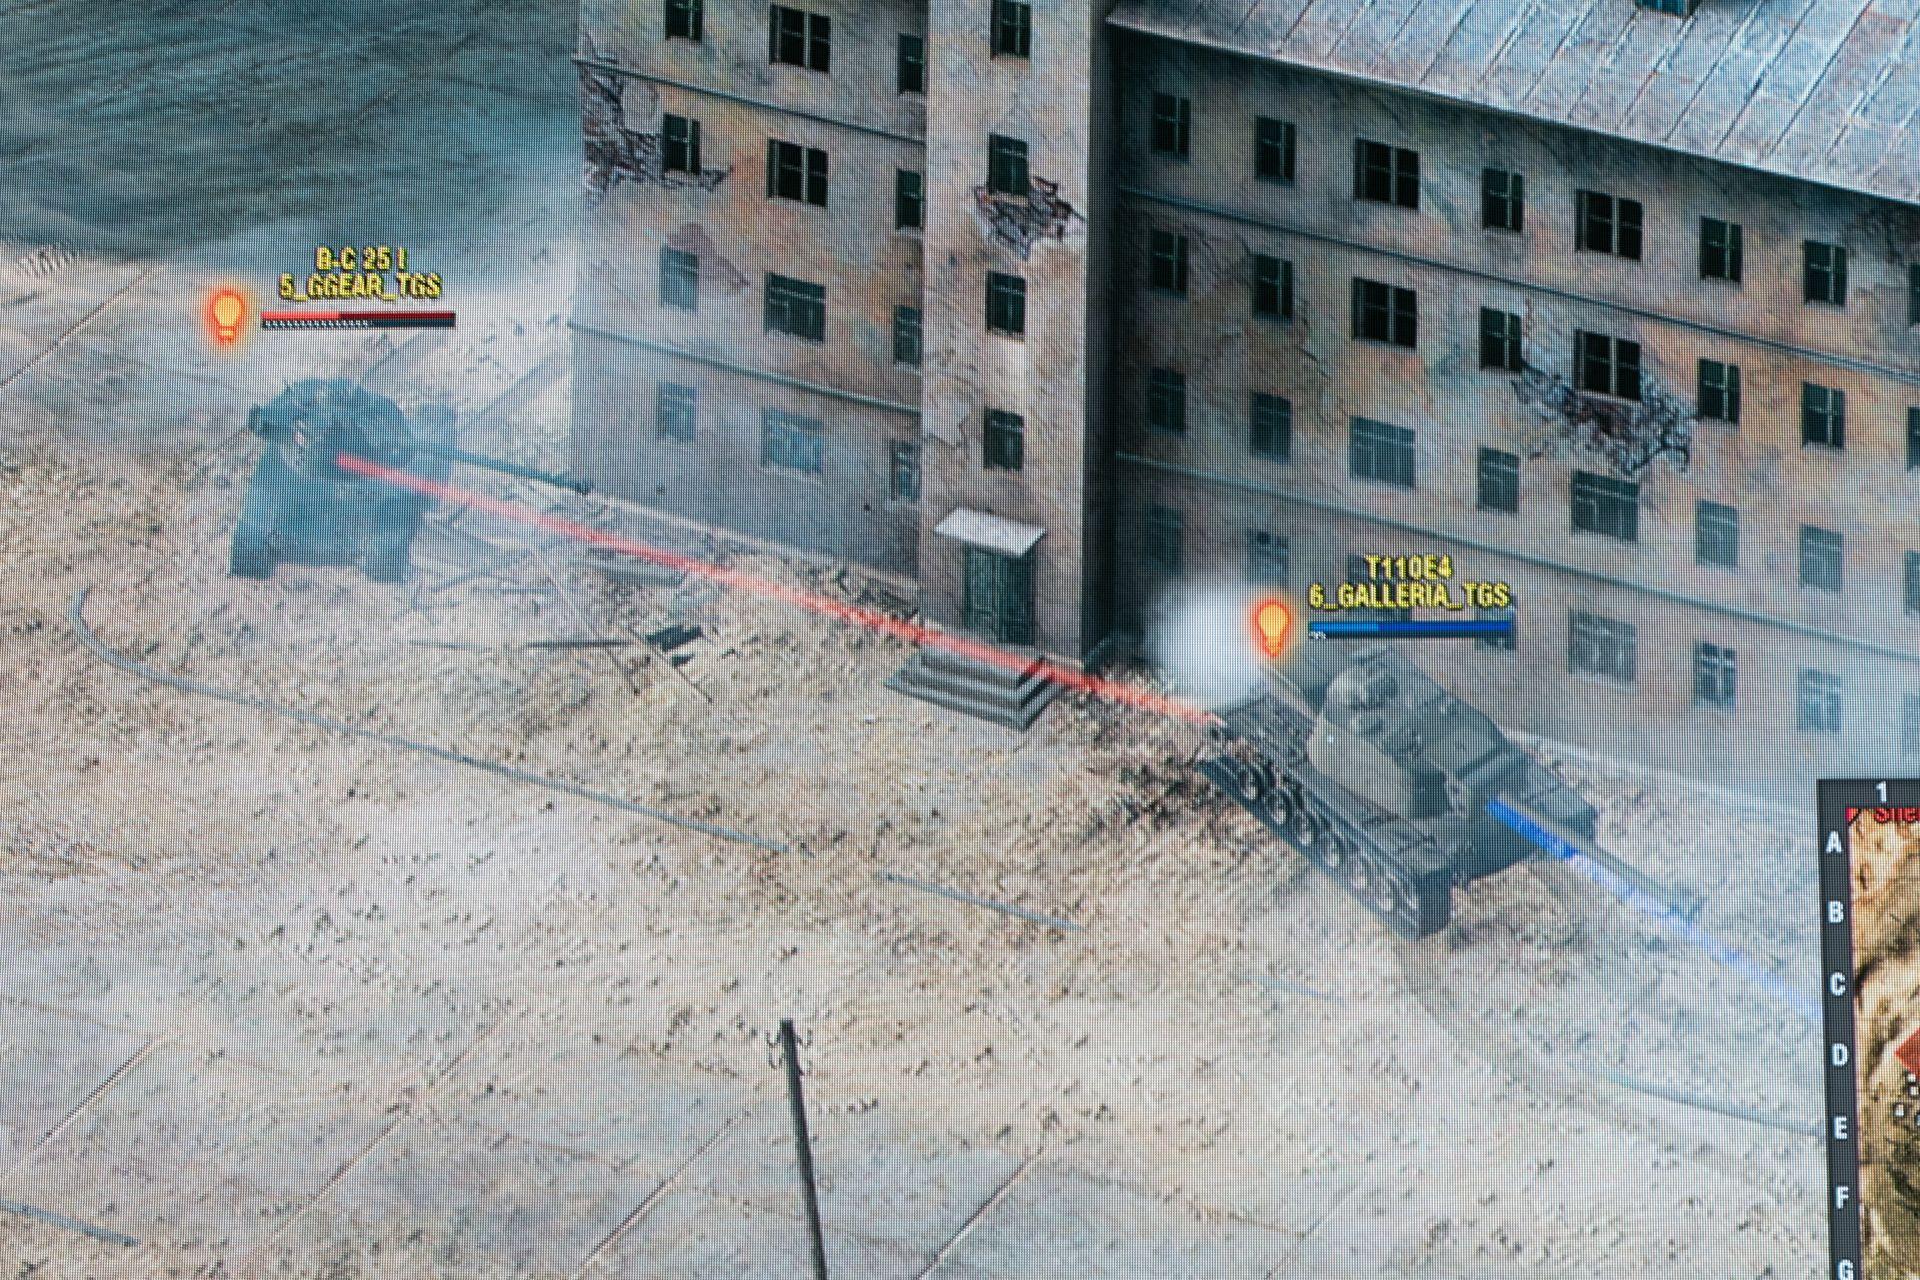 最終戦、攻勢に出たGALLERIAの裏に回ったのがG-GearのB-C 25 tが戦の流れを逆転させた。前からでは堅いT110E4も、背後から連射を食らってアッという間に死亡。GALLERIAの占領ゲージも同じくこのB-C 25 tが見事にカット